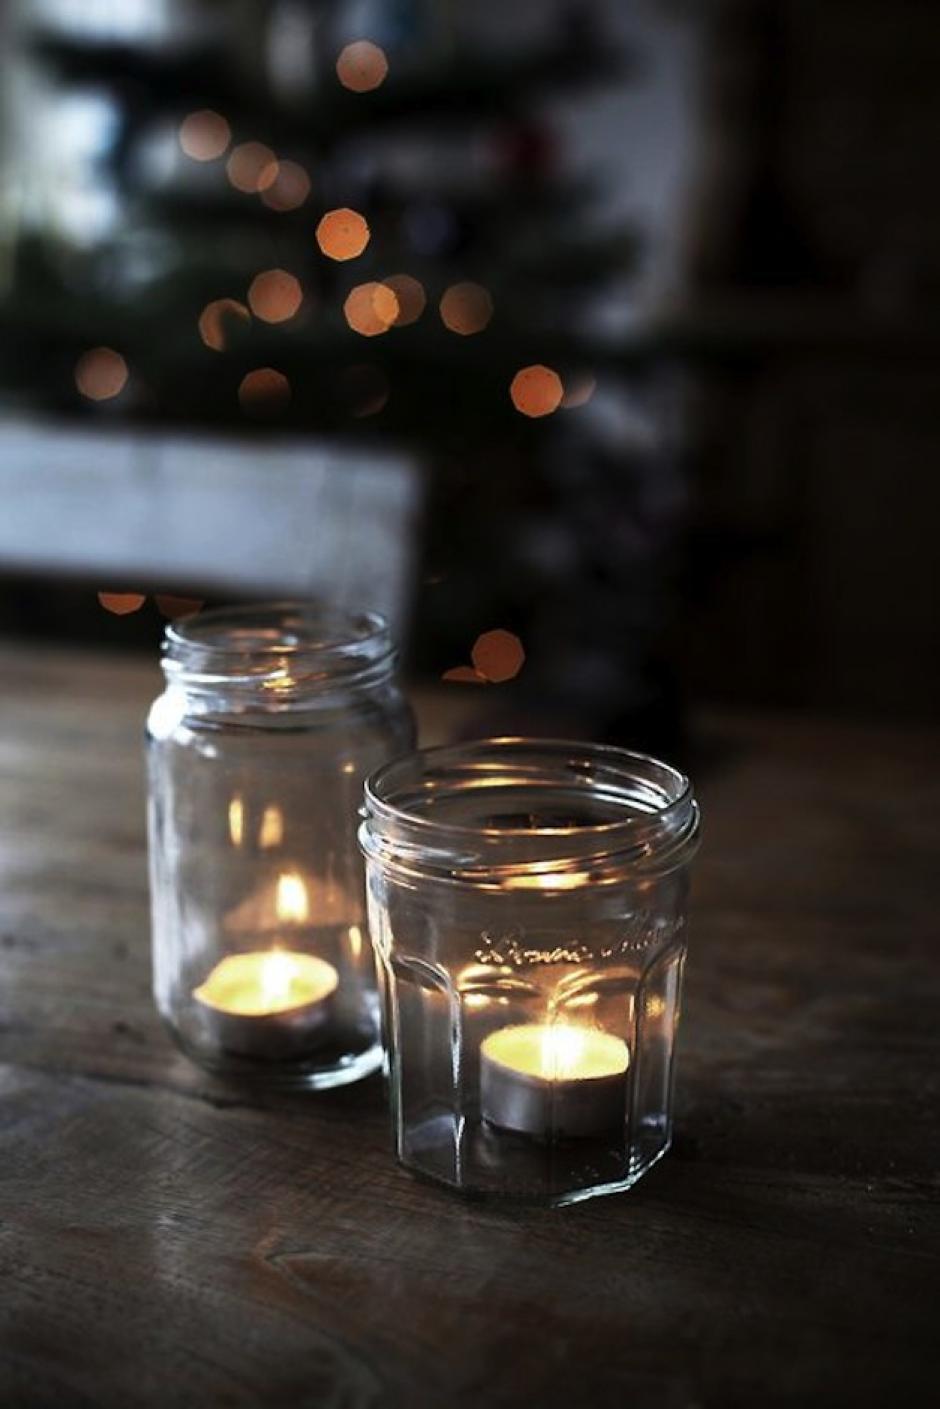 Las velitas toman un giro inesperado al mezclarlas con el vidrio, lo que le da un toque de sobriedad y elegancia. (Foto: Pinterest)